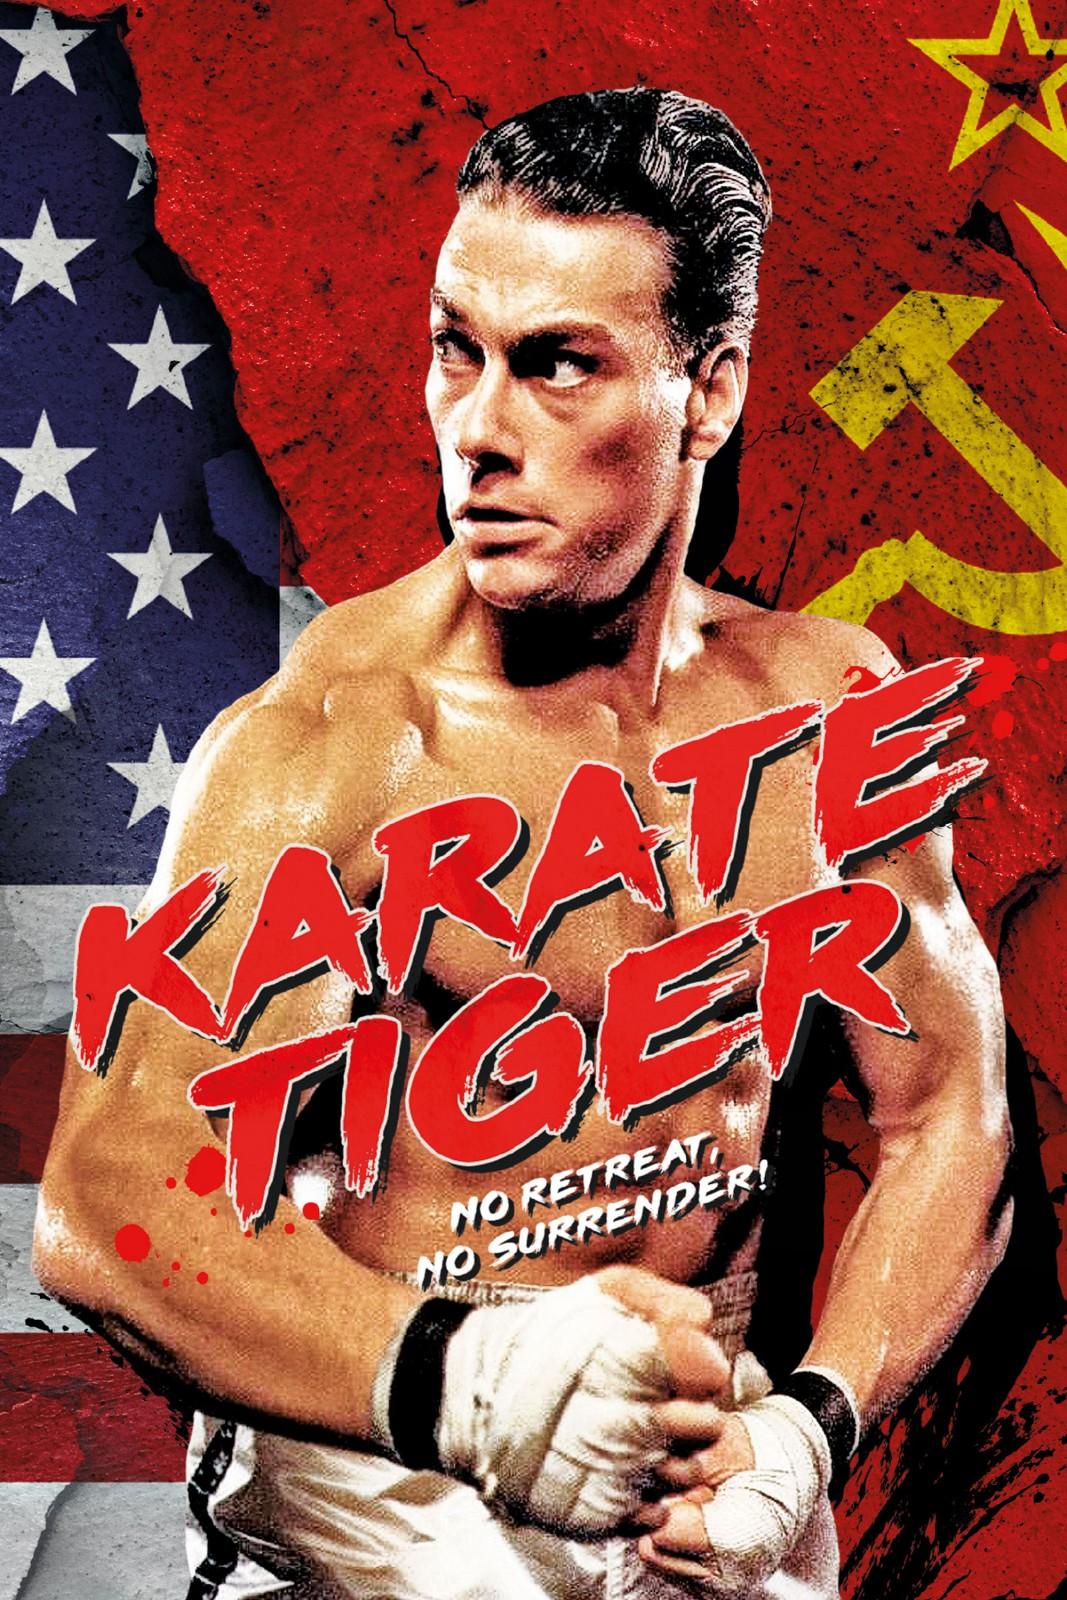 Karate Tiger Schauspieler